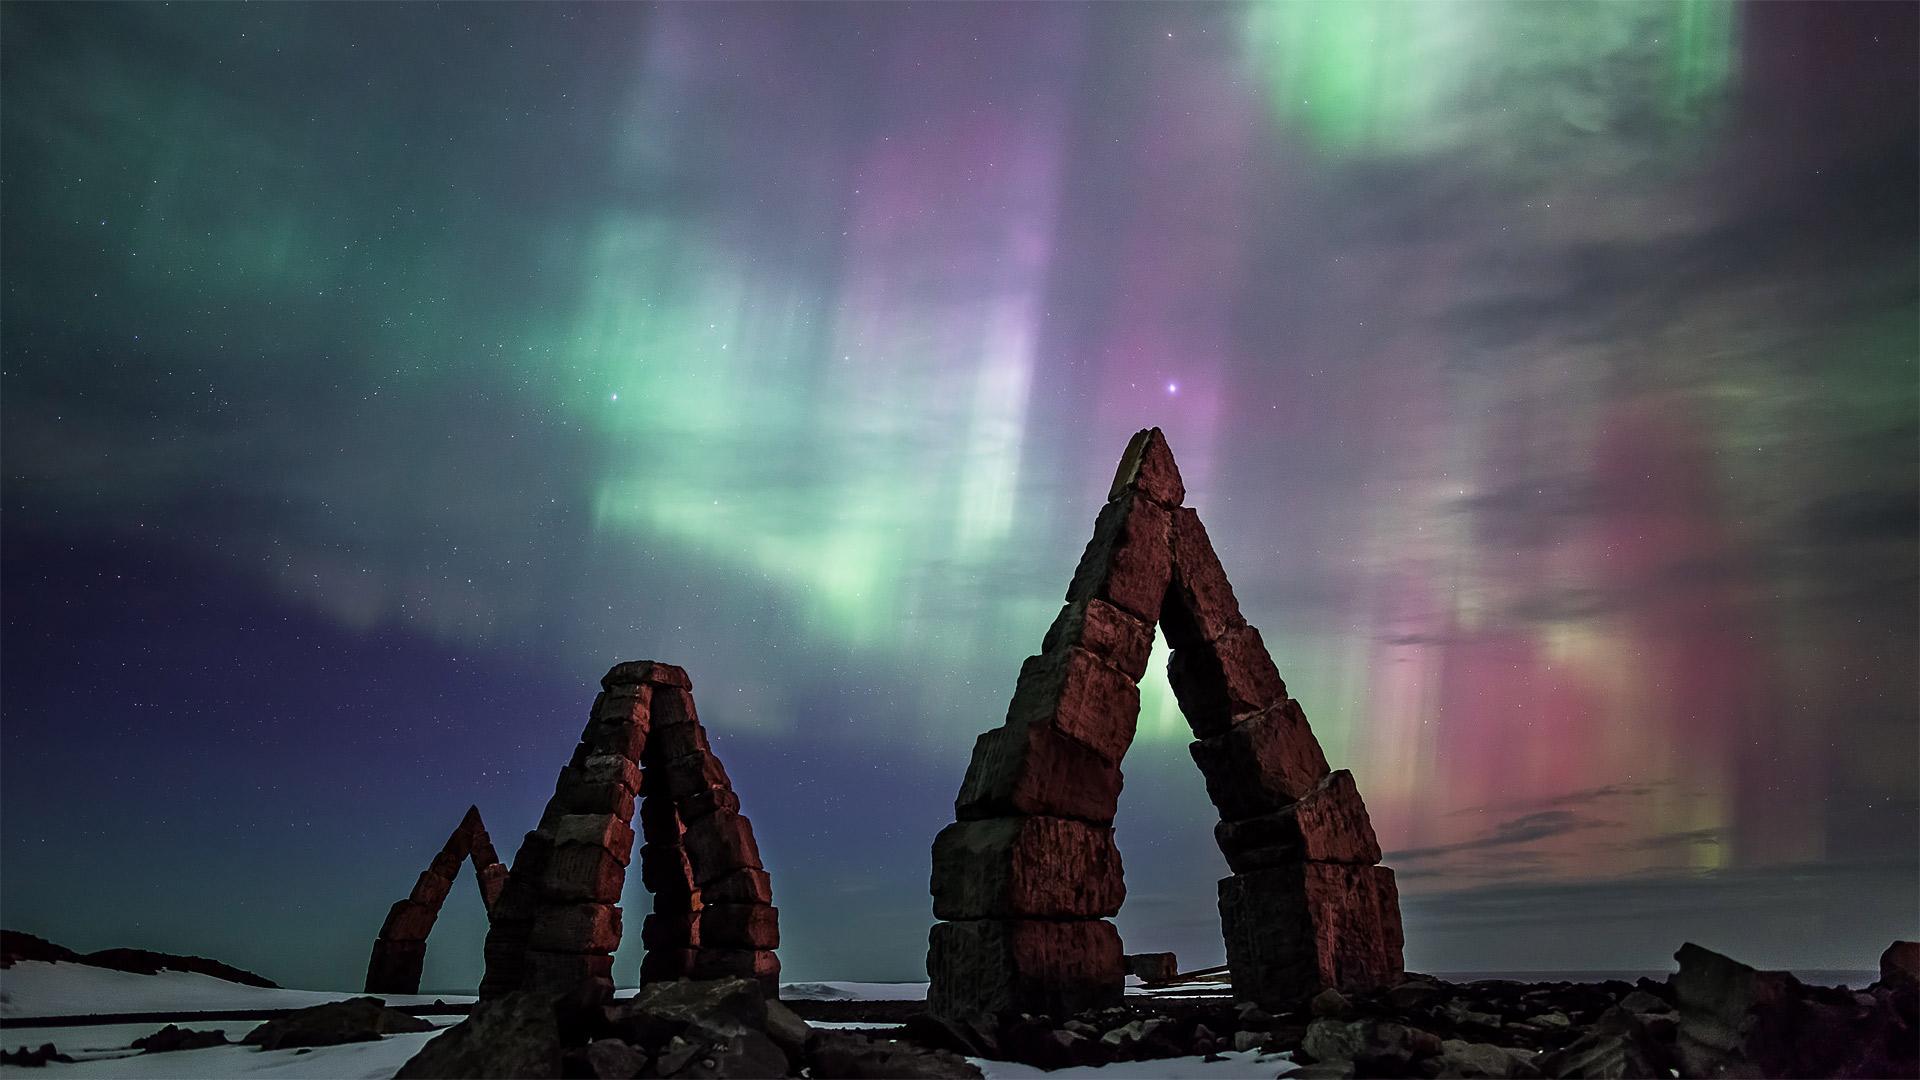 Arctic Henge